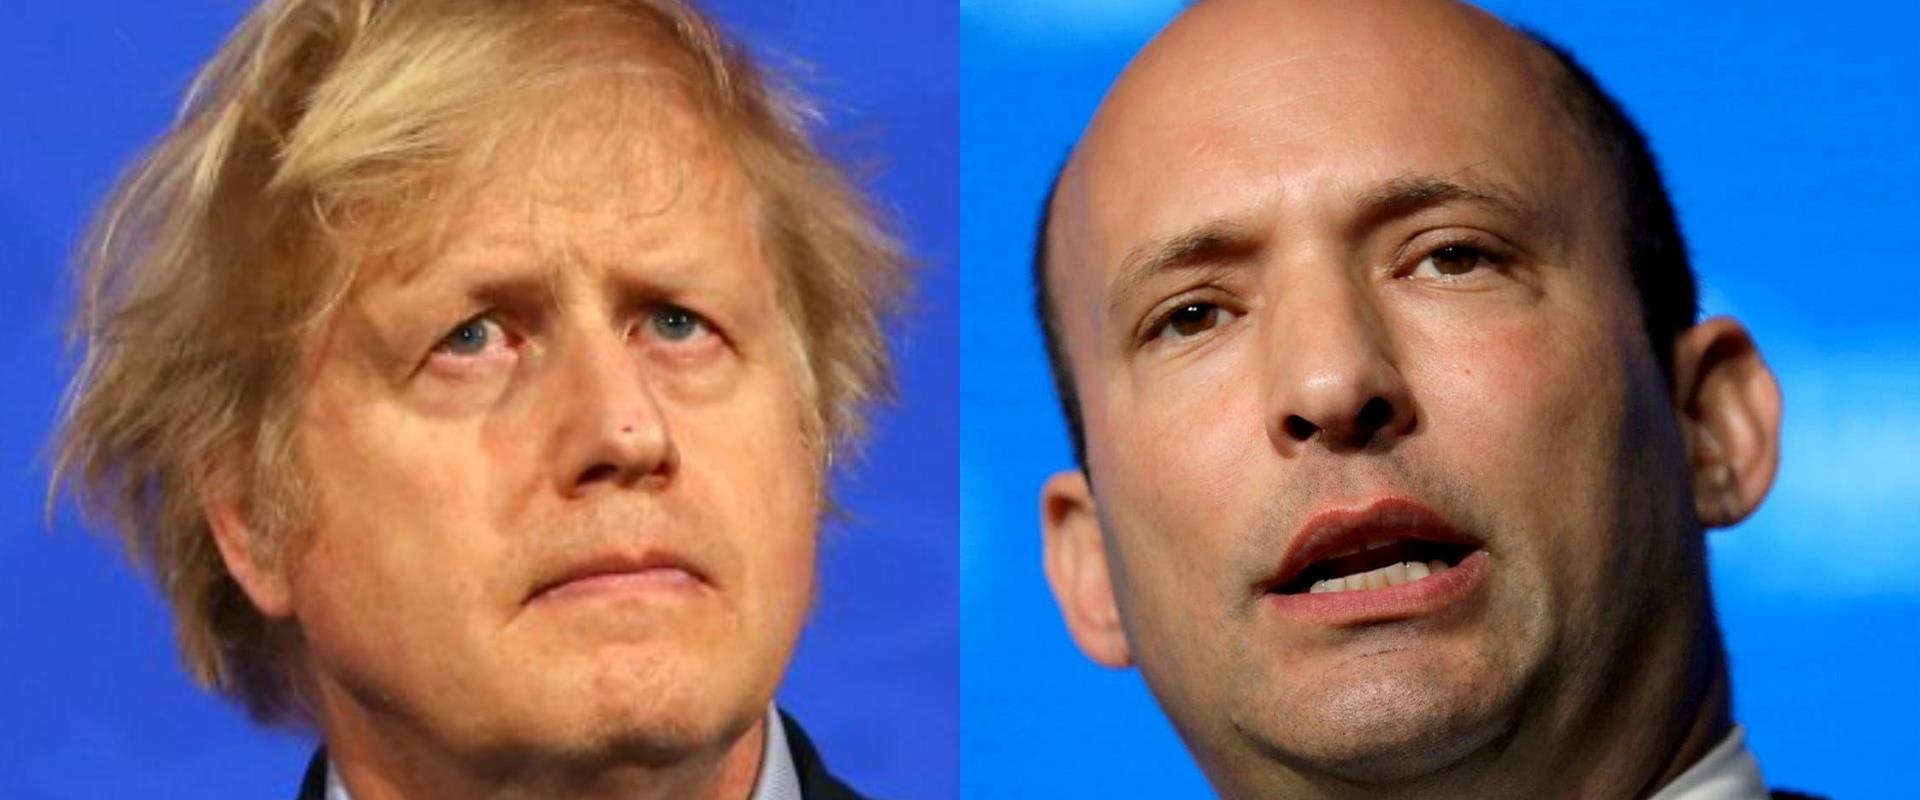 """רה""""מ בנט וראש ממשלת בריטניה ג'ונסון, ארכיון"""